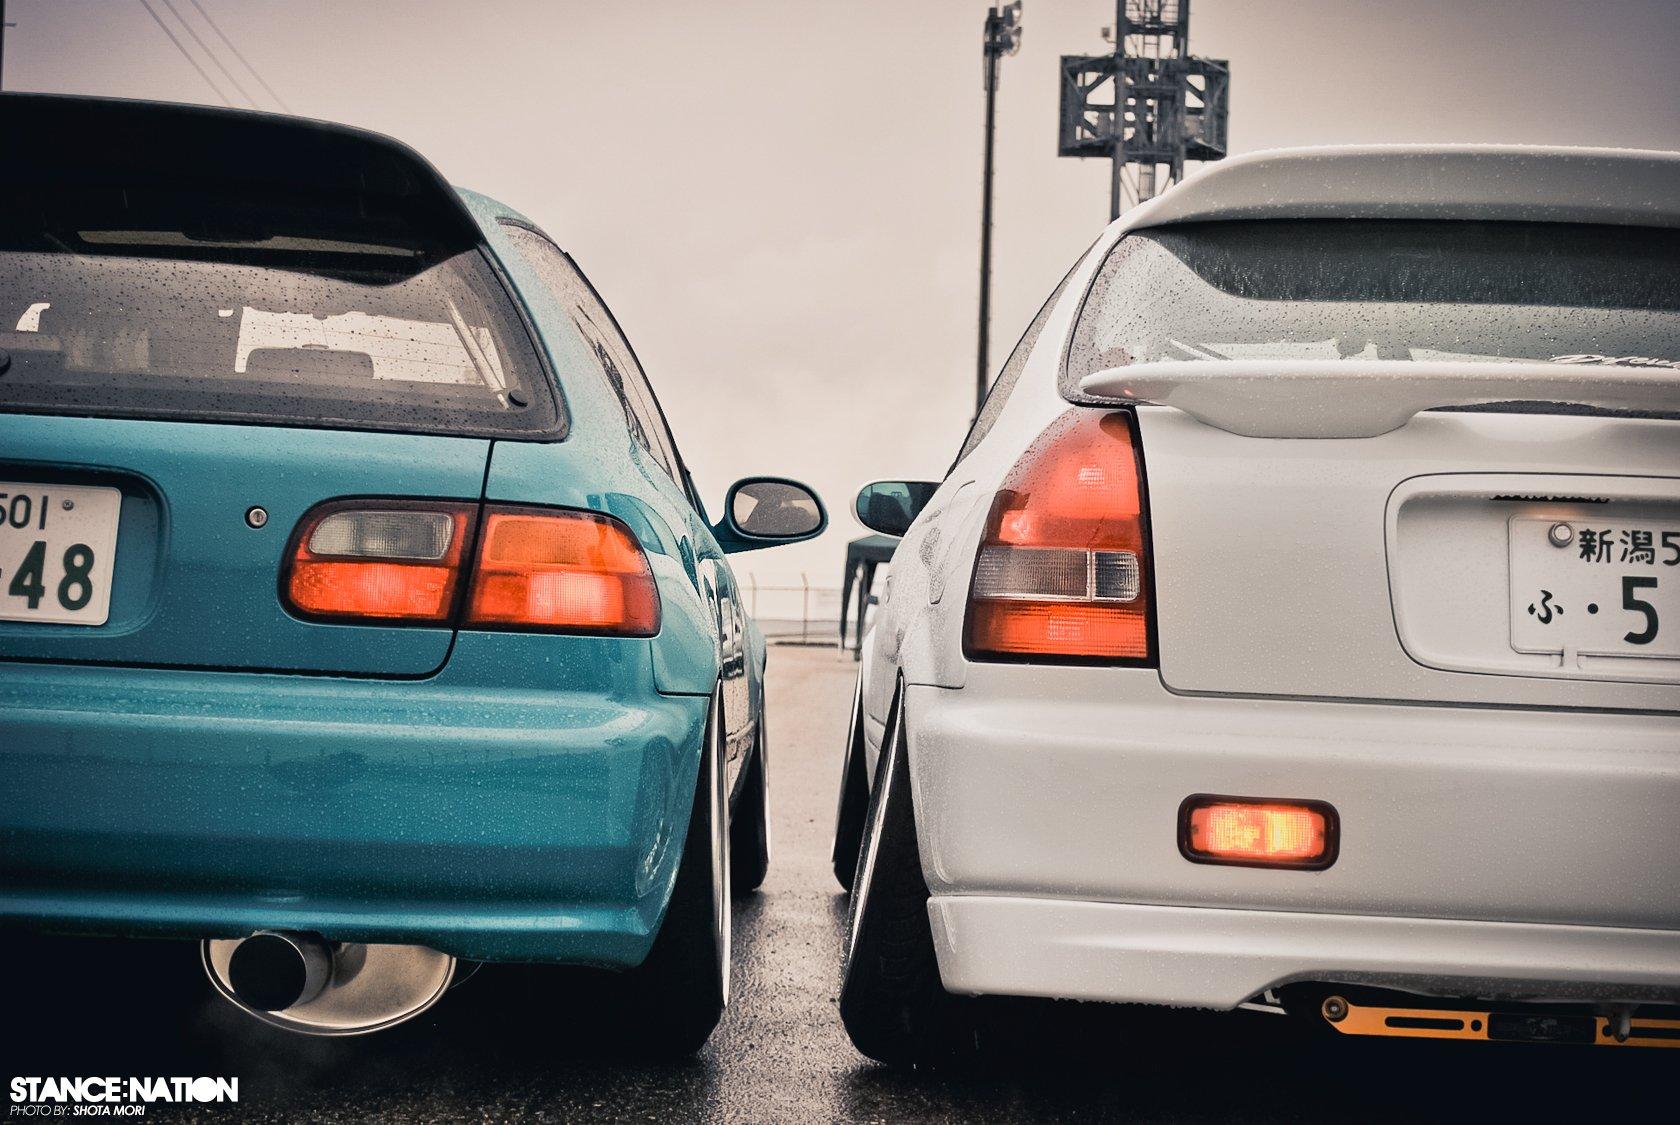 20] Honda Civic EG6 Wallpapers on WallpaperSafari 1680x1125